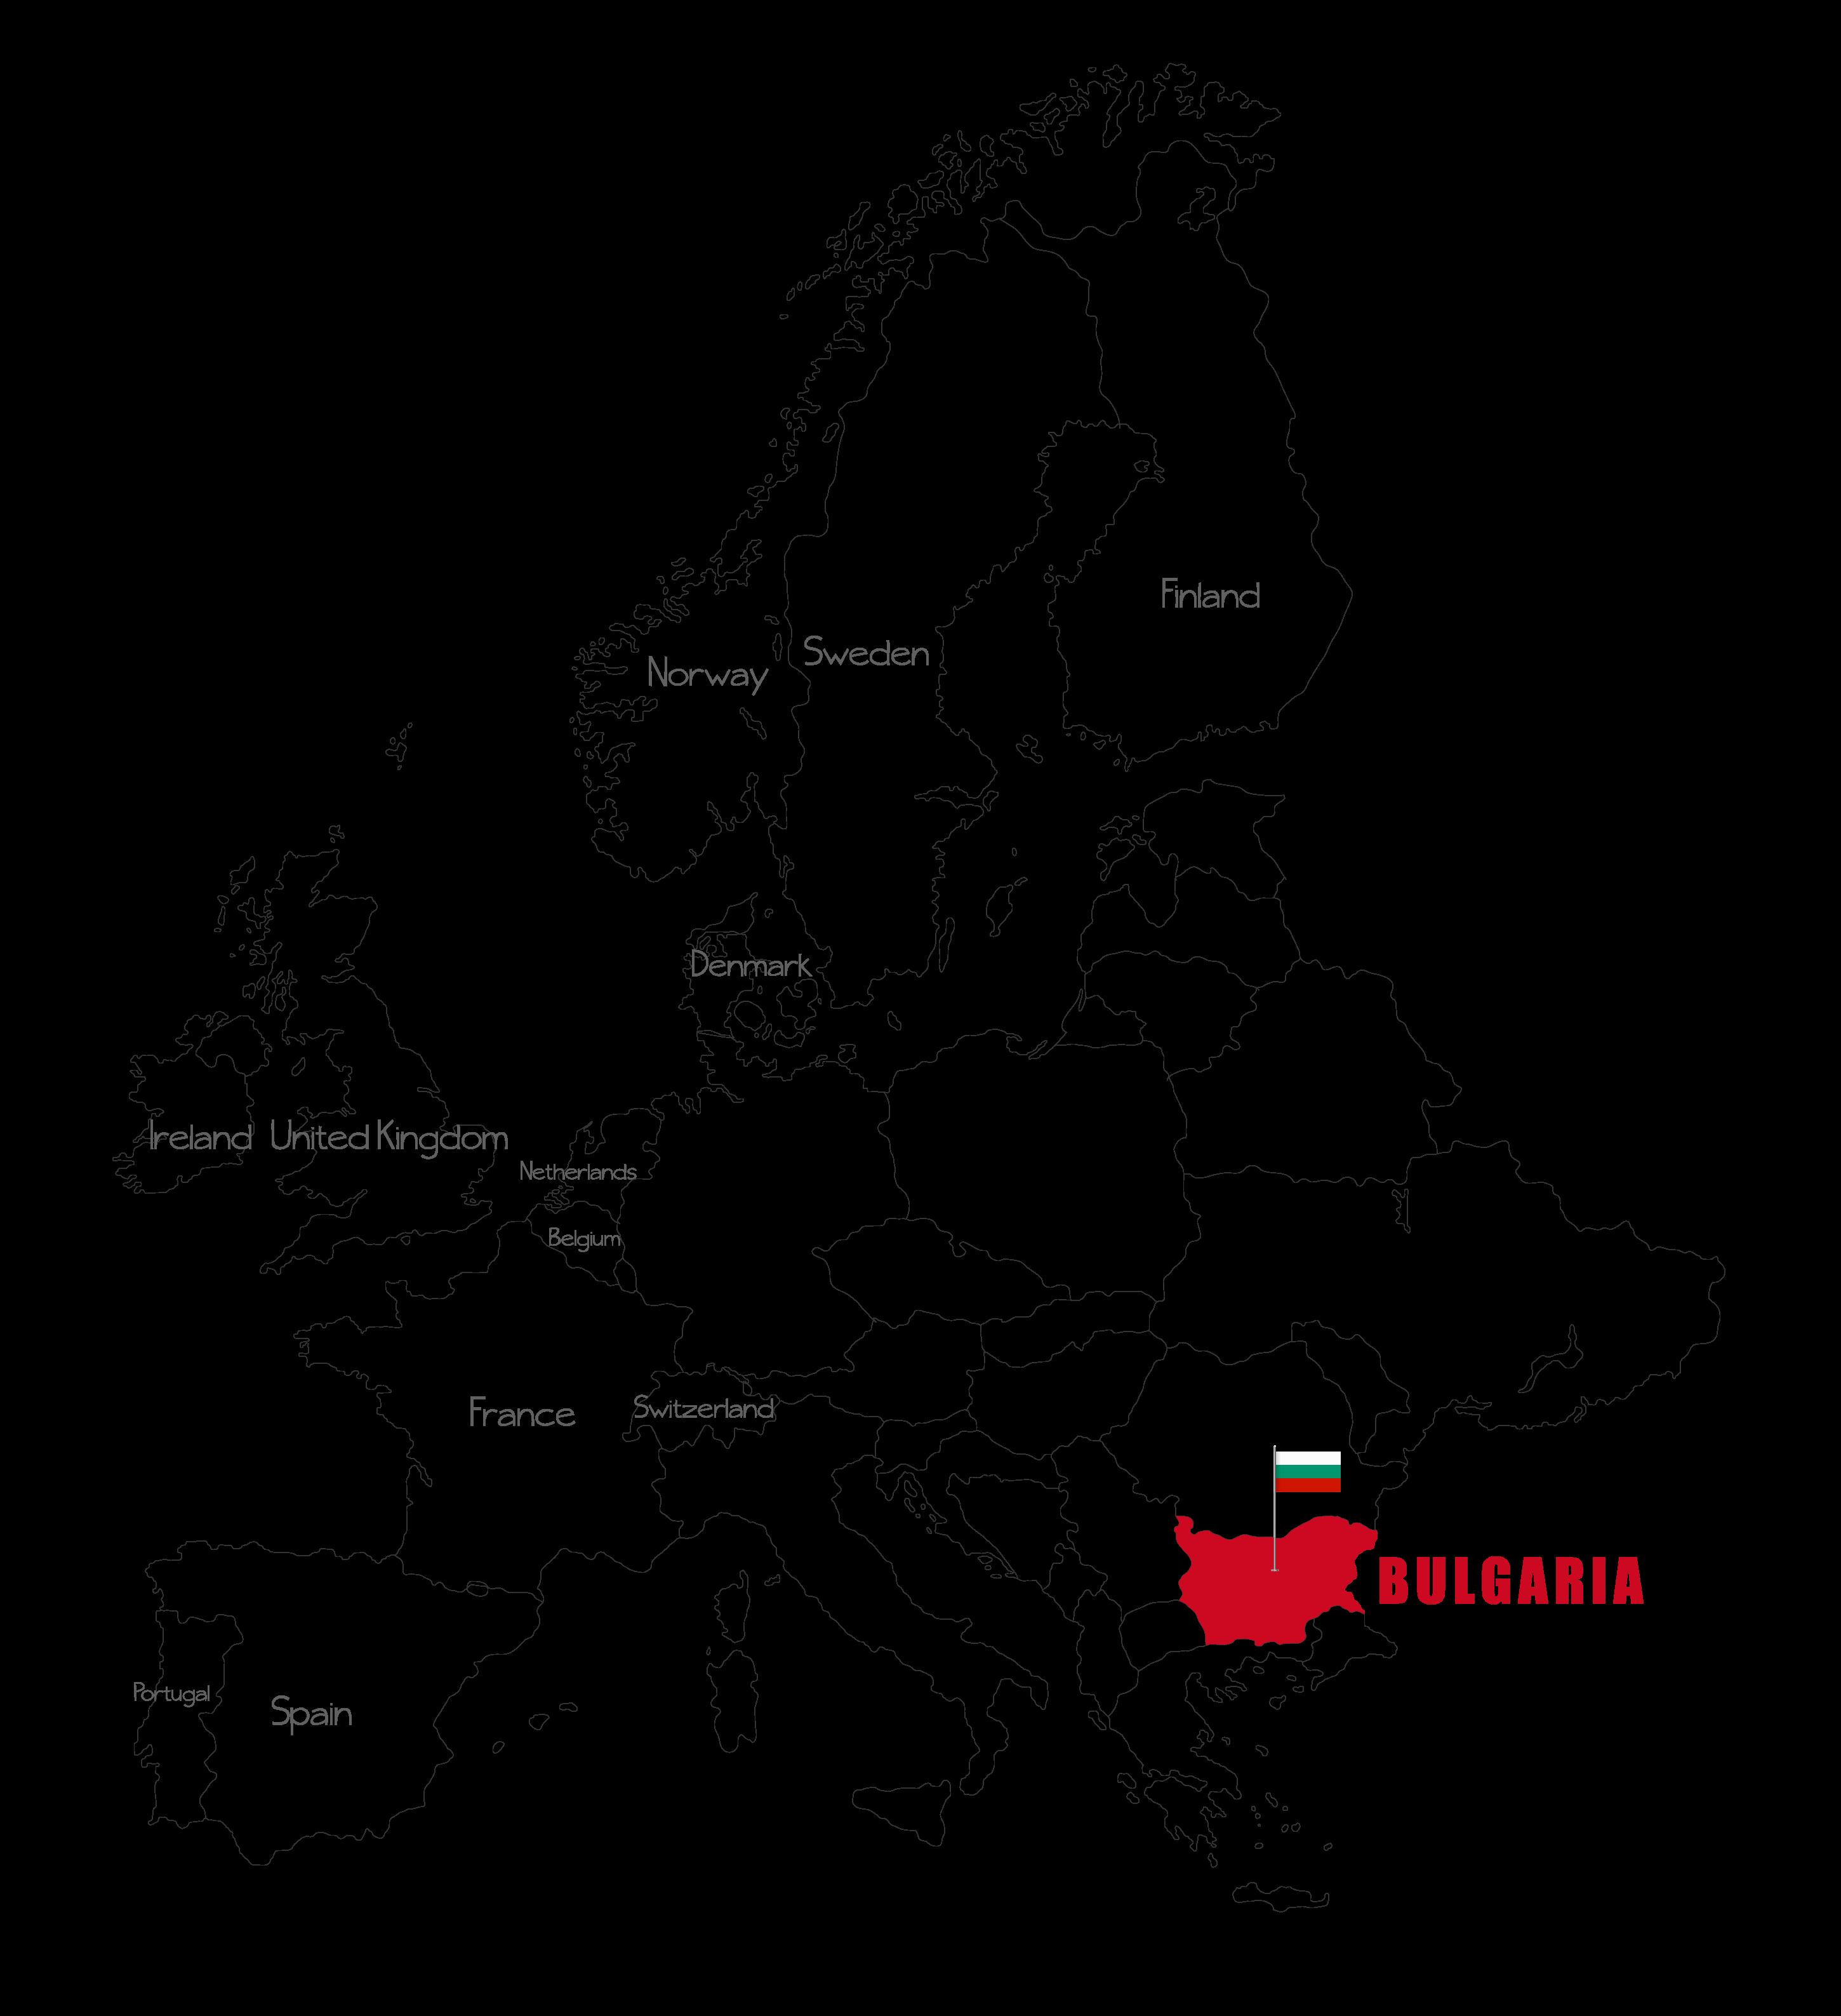 tổng quan chương trình đầu tư định cư Bulgaria